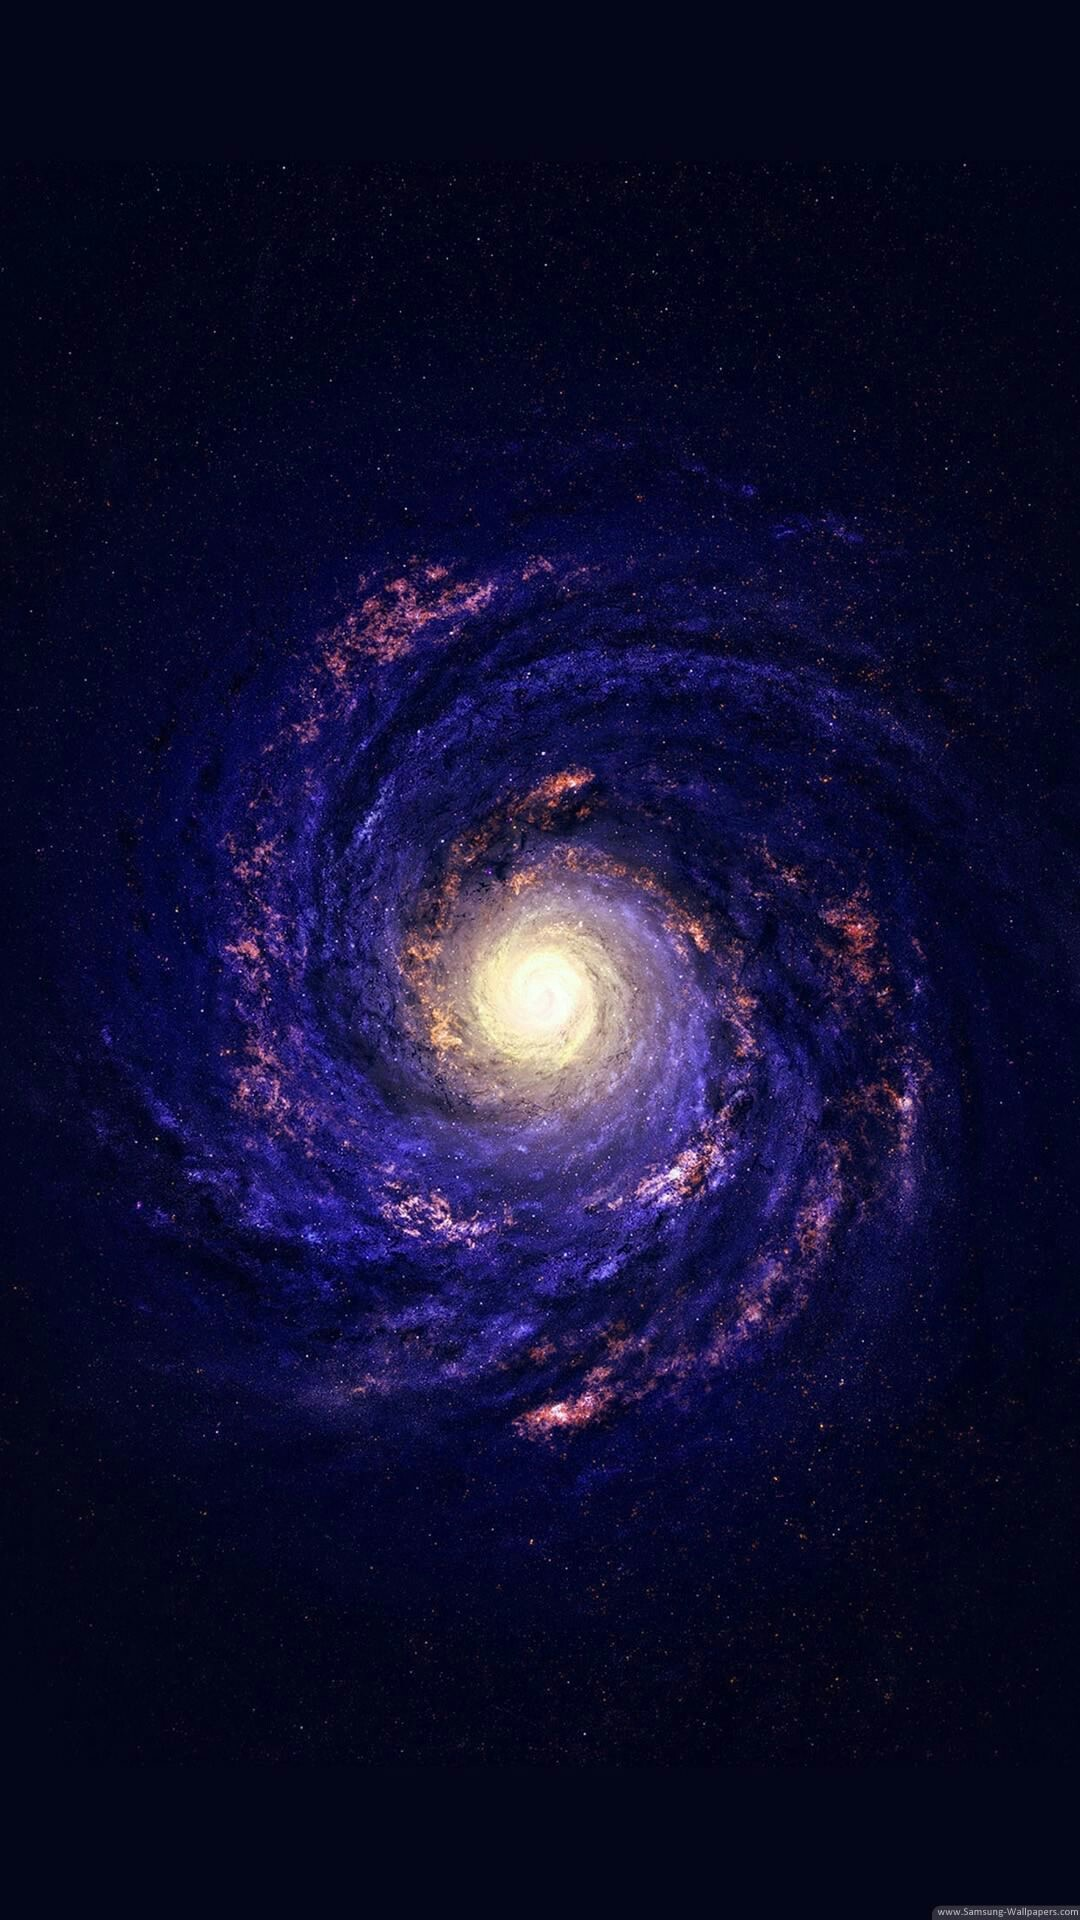 Galaxy Cat Wallpaper 69 Images